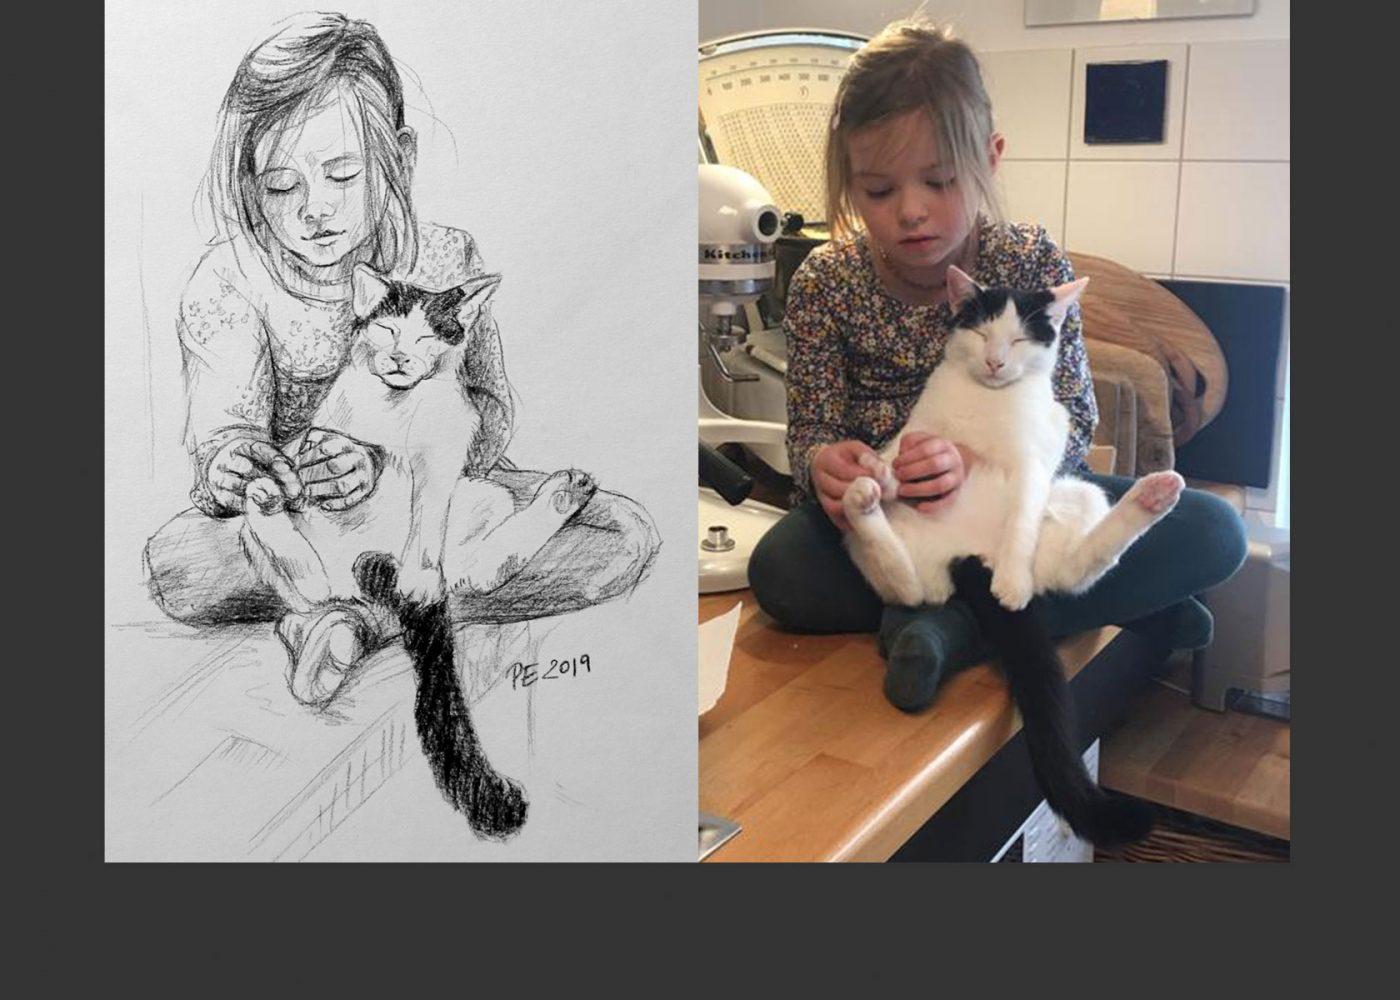 Zeichnung nach Fotovorlage